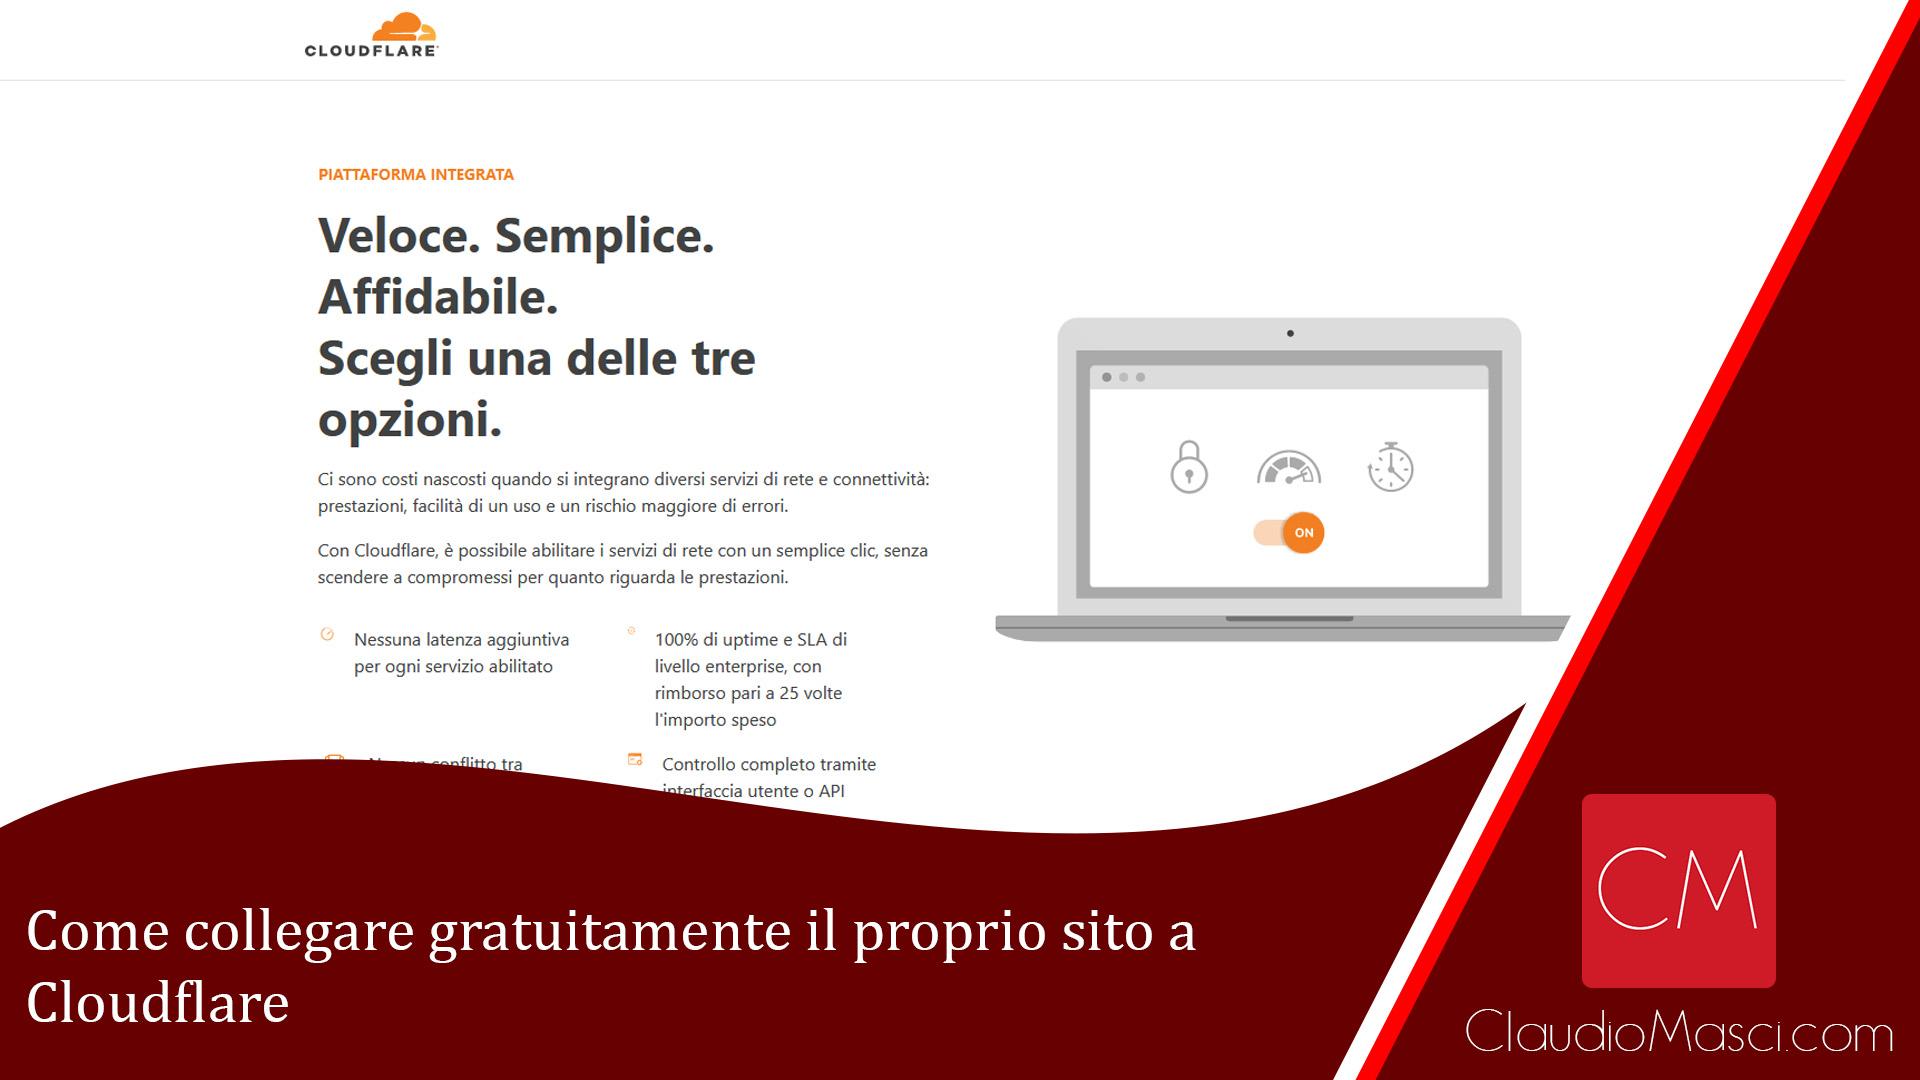 Come collegare gratuitamente il proprio sito a Cloudflare